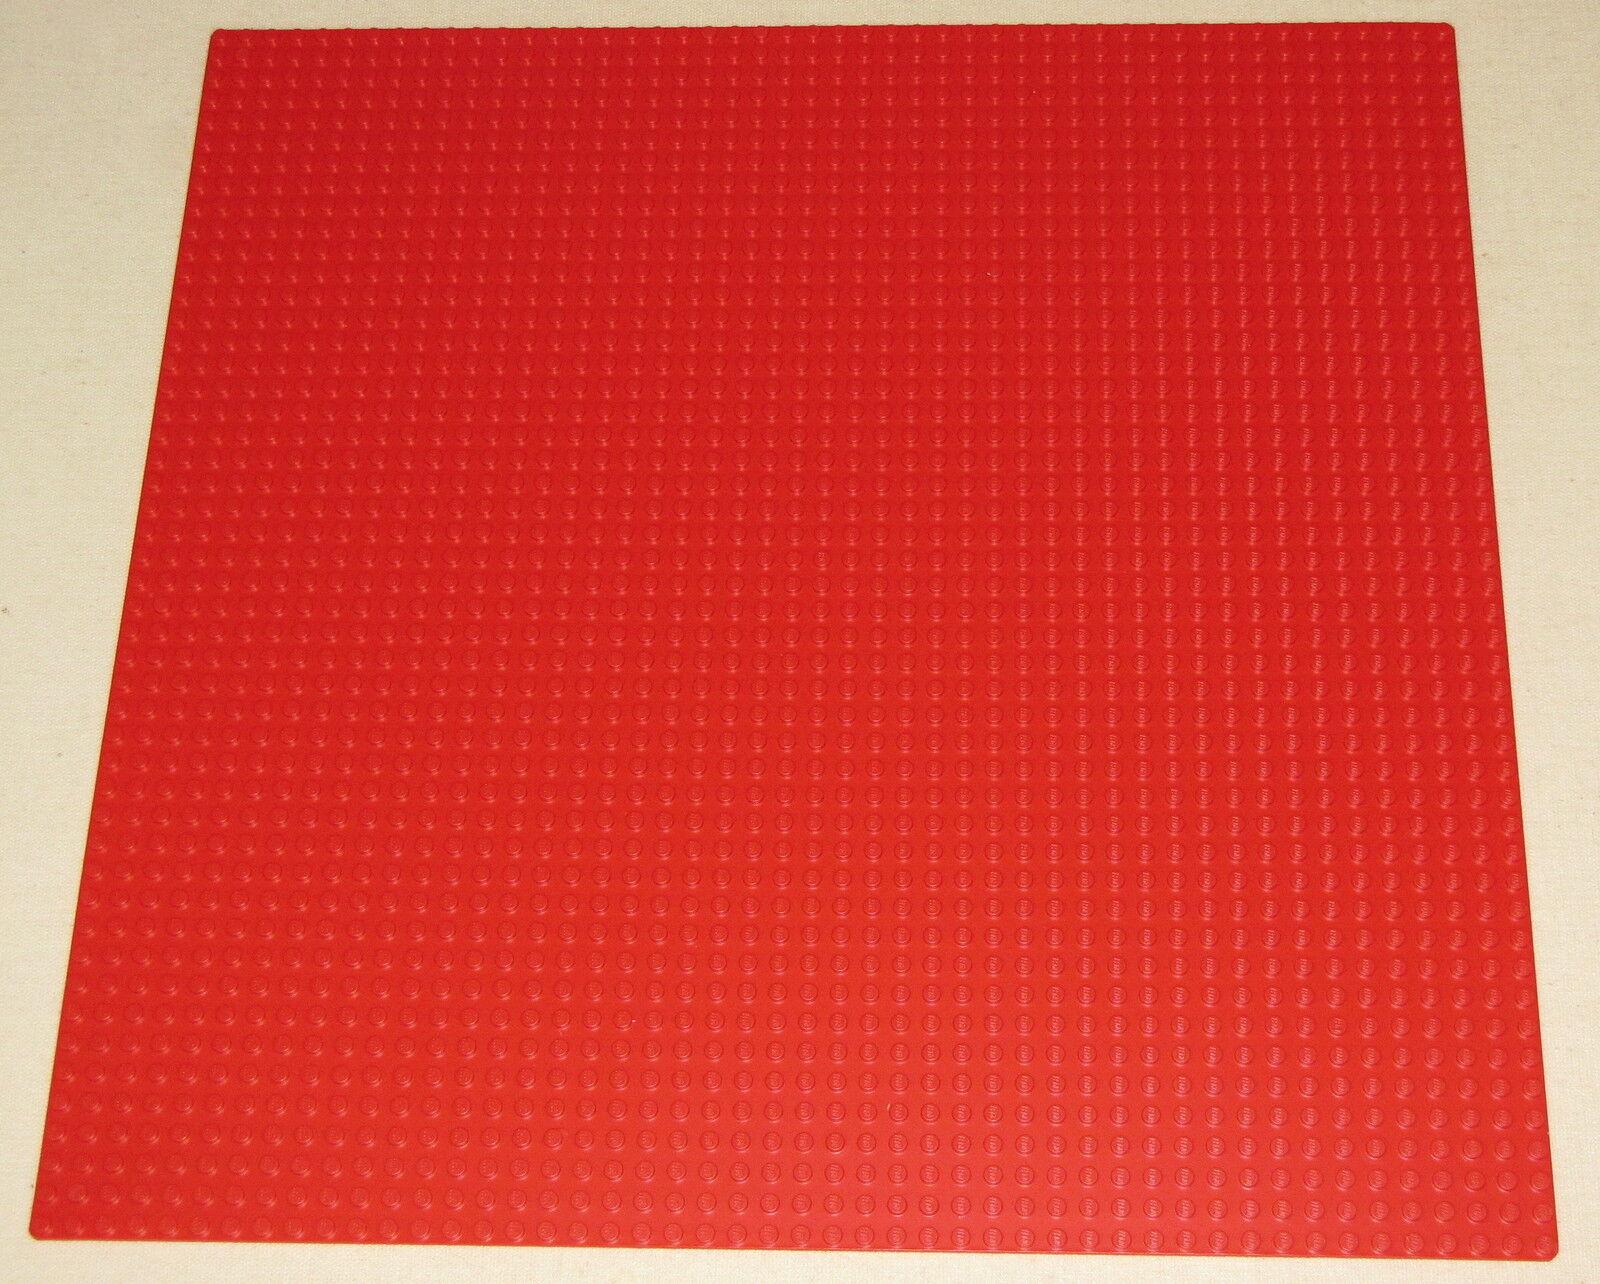 LEGO nuovo grande 48 x 48 punto 38.1x38.1cm ROSSO piastra di base pezzo di piattaforma